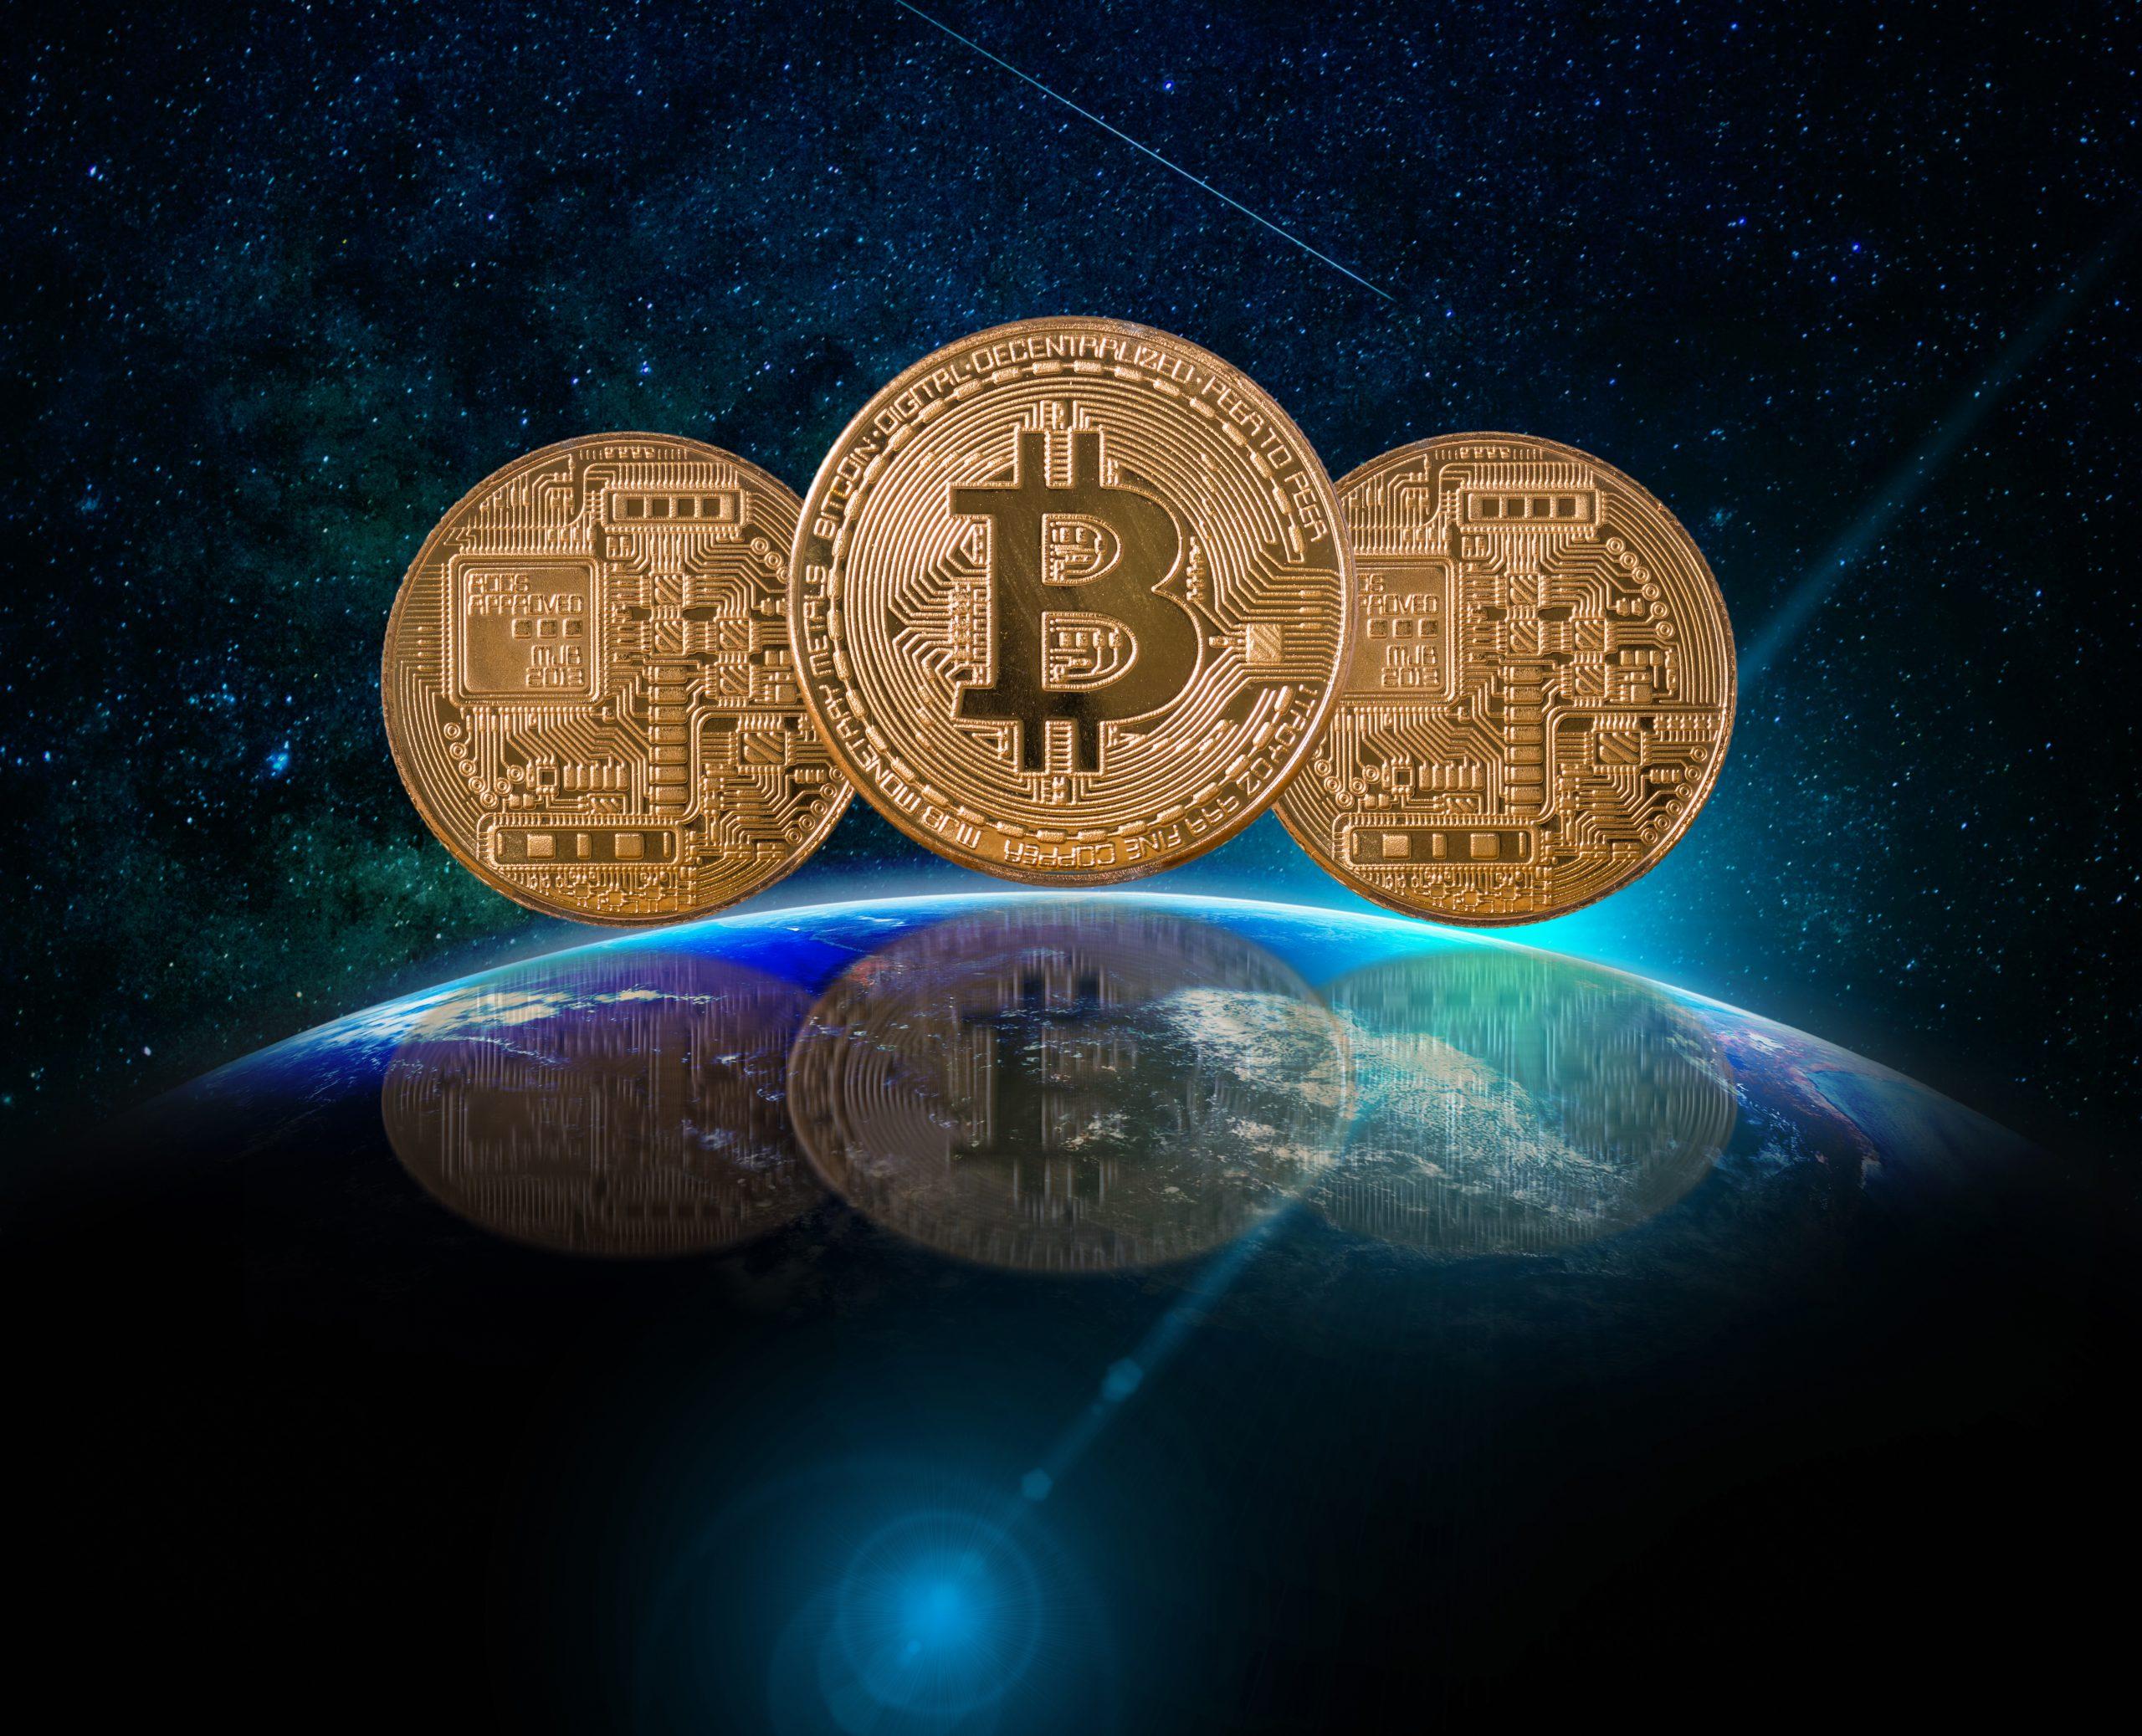 November 9, 2020: Bitcoin and Crypto Market Roundup